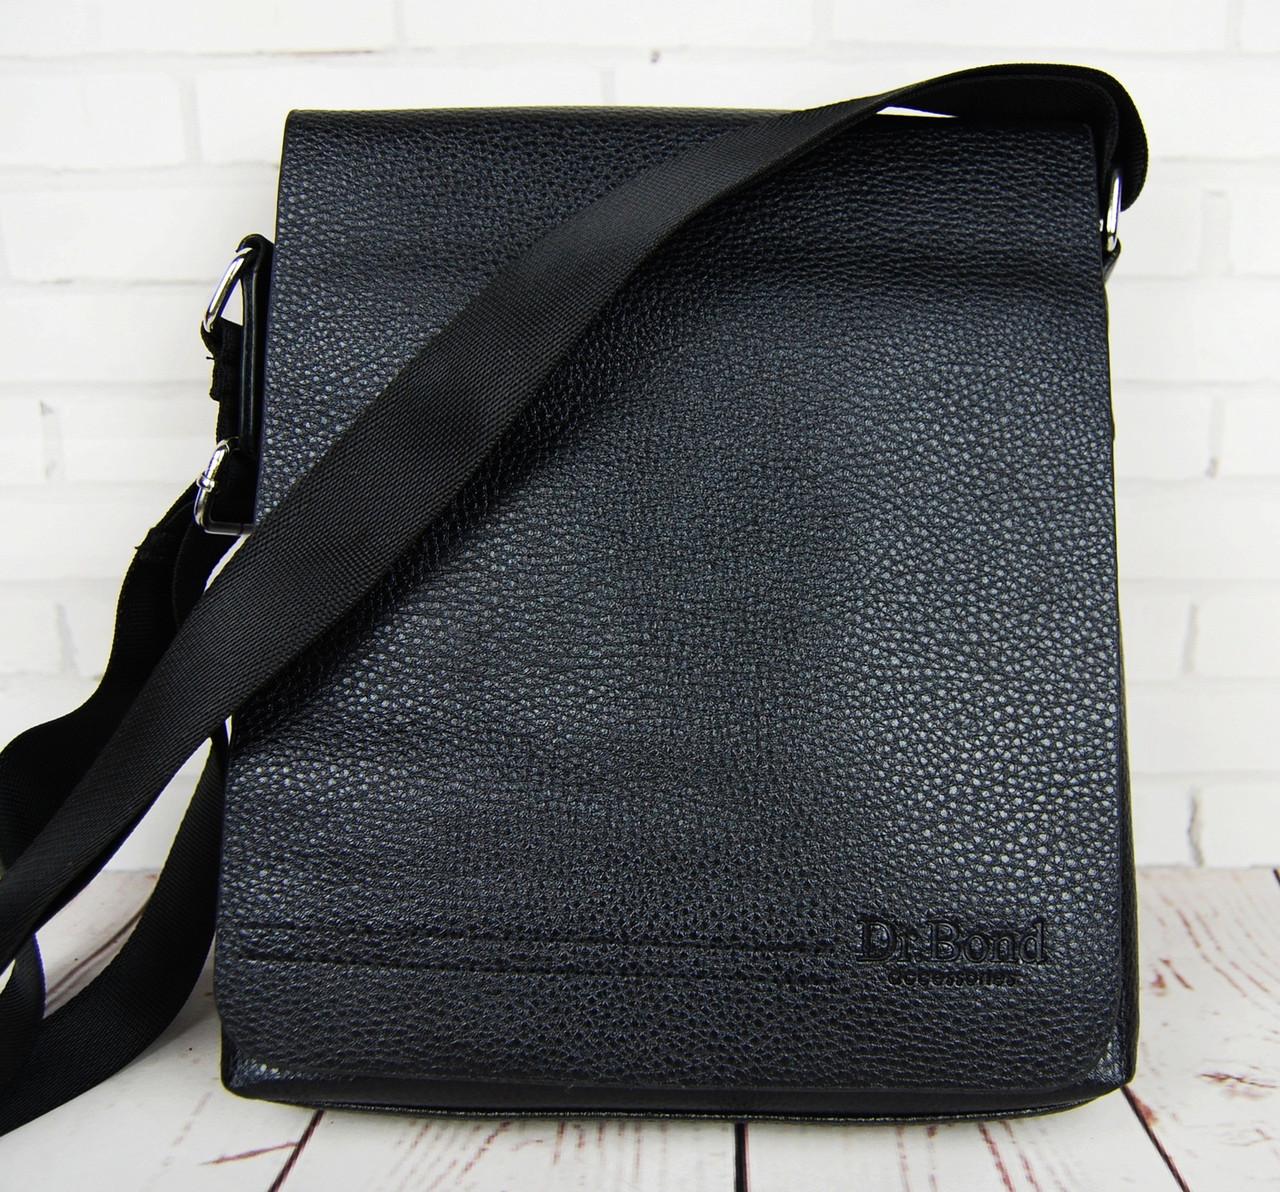 ec88ca25b088 Кожаная мужская сумка Bond. Сумка через плечо. Сумка планшет. Стильная сумка.  Качественная